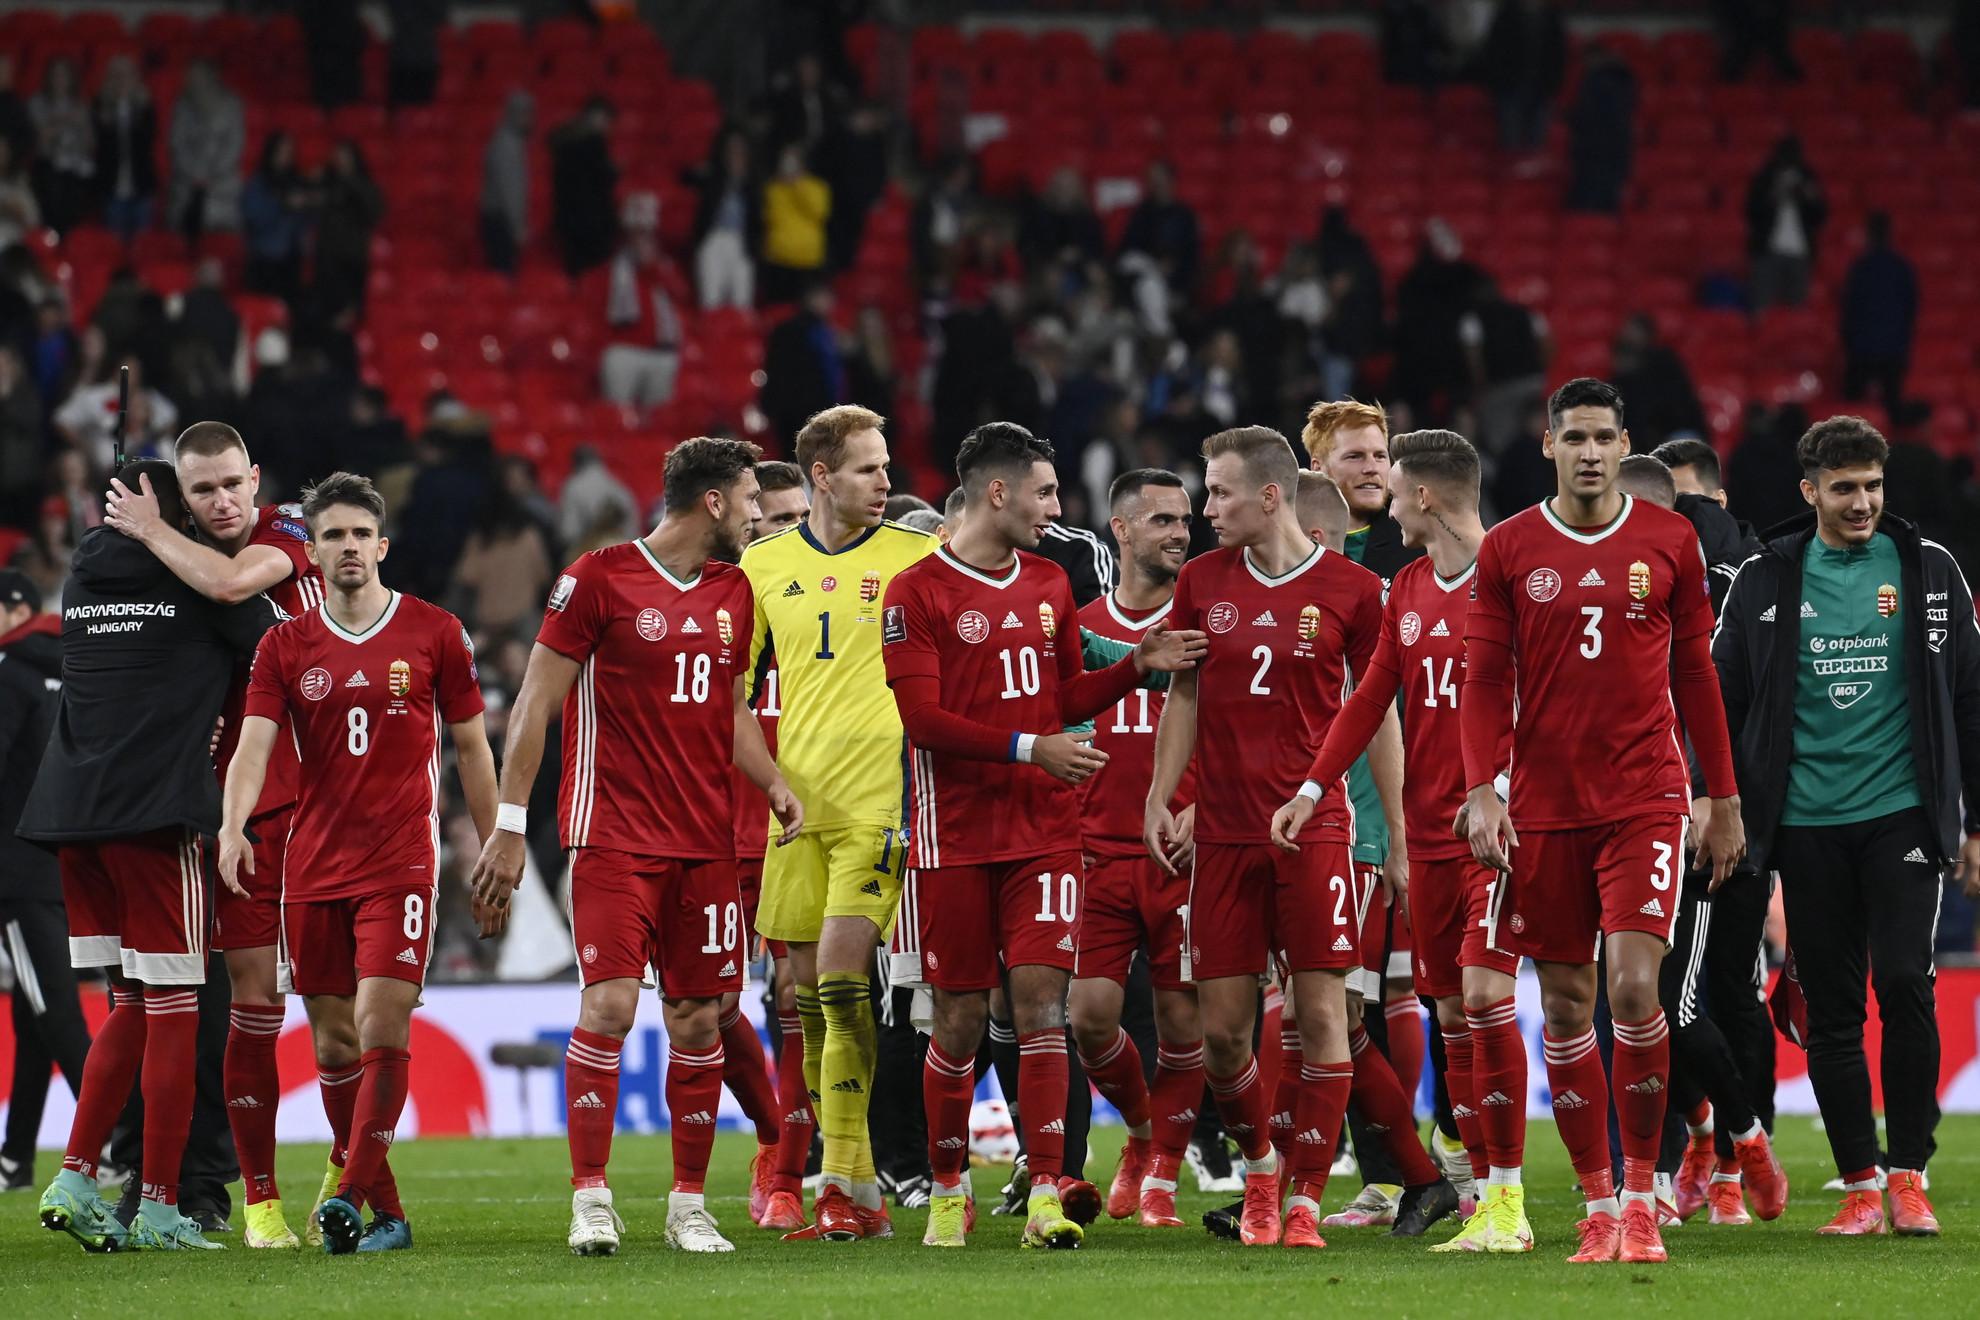 A magyar válogatott játékosai a labdarúgó világbajnoki selejtezők 8. fordulójában játszott Anglia - Magyarország mérkőzés végén a londoni Wembley Stadionban 2021. október 12-én